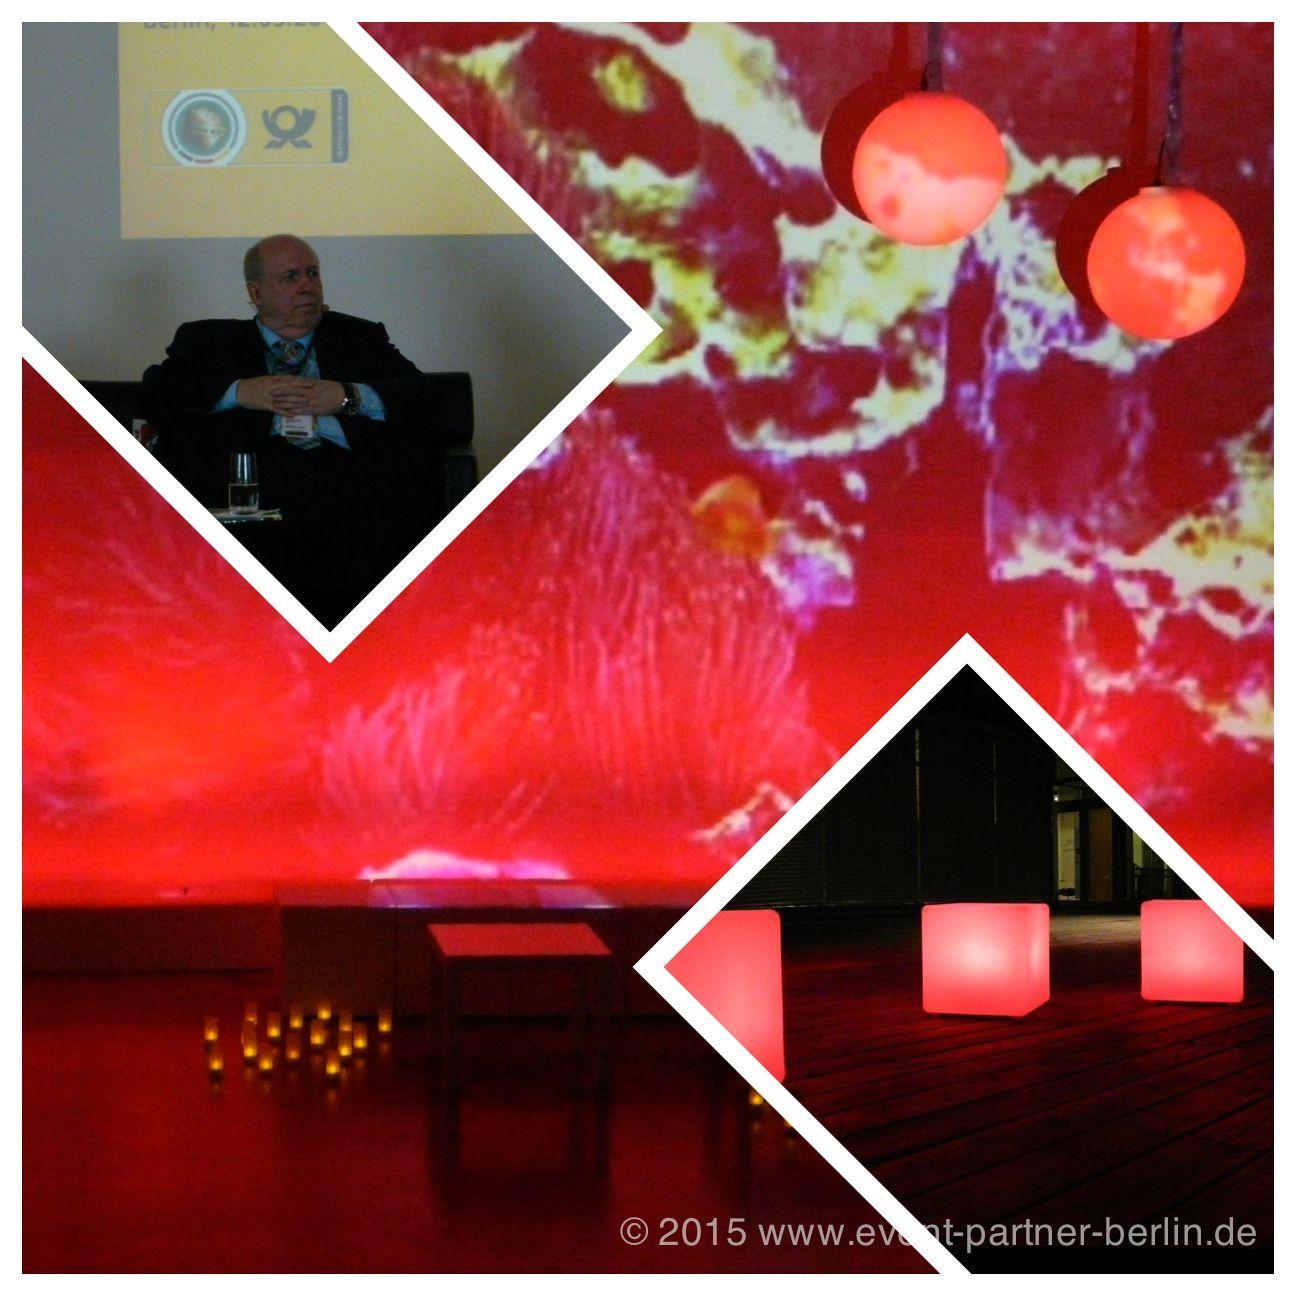 www.event-led.de Berlin Seit über zehn Jahren betreuen wir unter anderem die Veranstaltungen im und für das Stilwerk Berlin - wo Design und Interieur sich treffen arbeitet es sich doppelt so schön. Danke für das Vertrauen und viele Hundert Veranstaltungen.